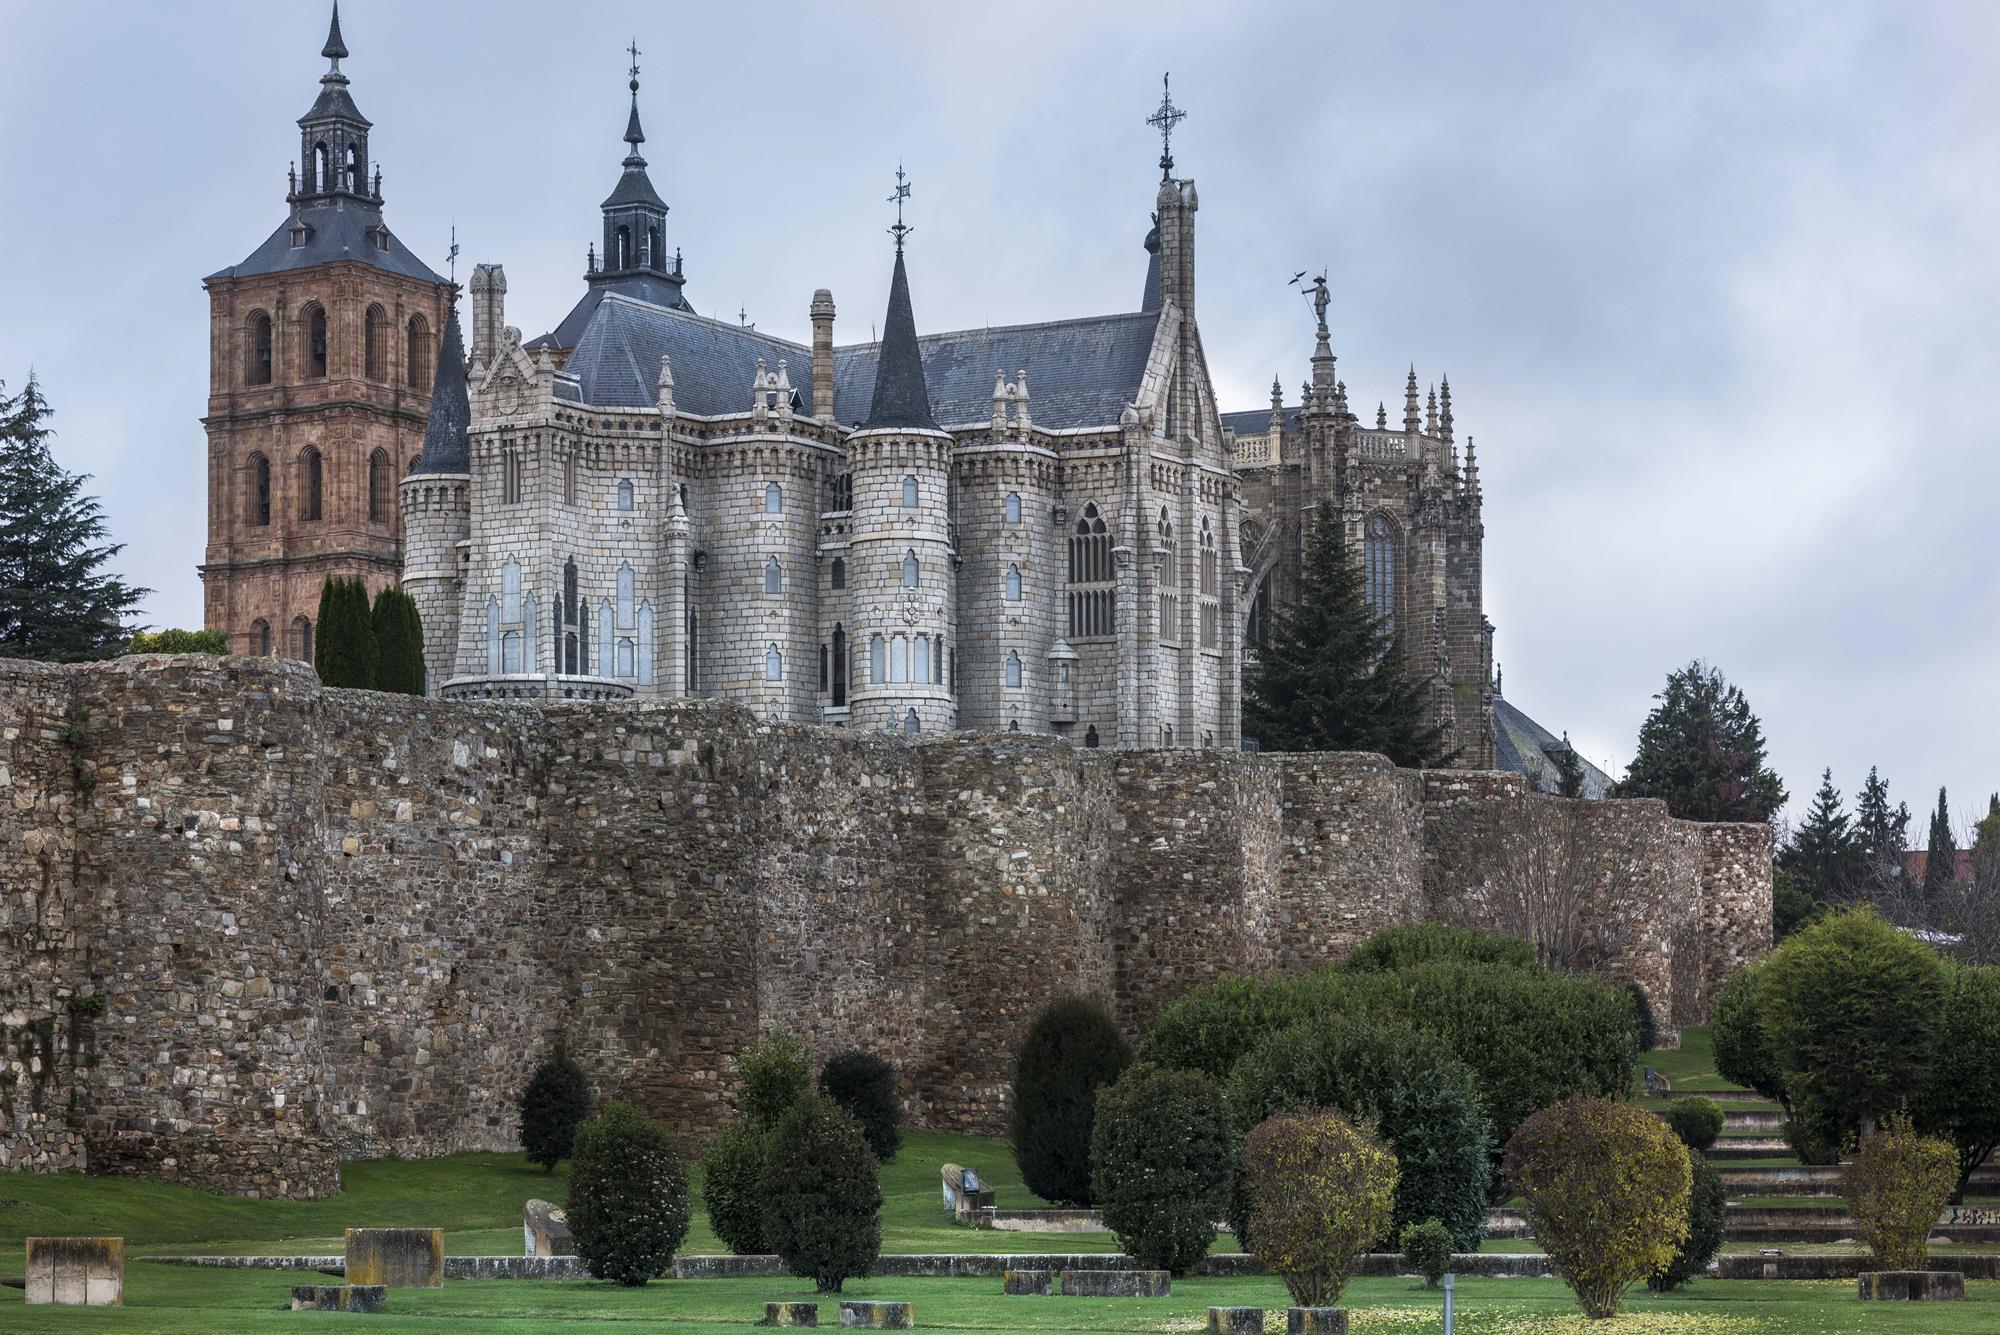 Una mezcla para algunos chic y para otros 'kitsch': la muralla romana, el gótico-barroco renacentista de la catedral y el modernismo del joven Gaudí.